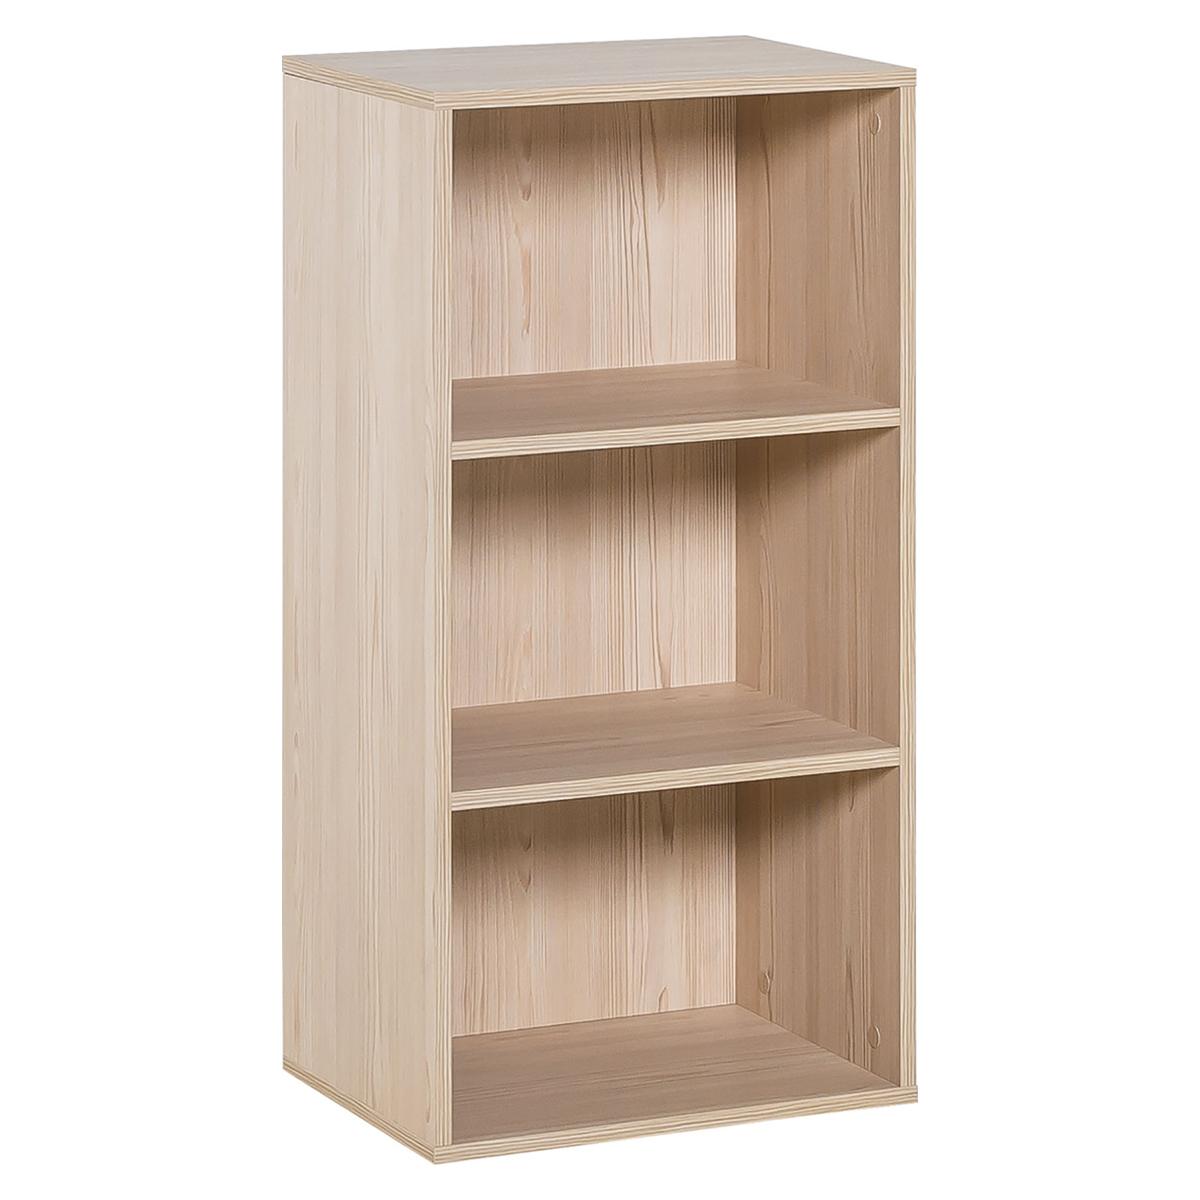 Petite bibliothèque bois